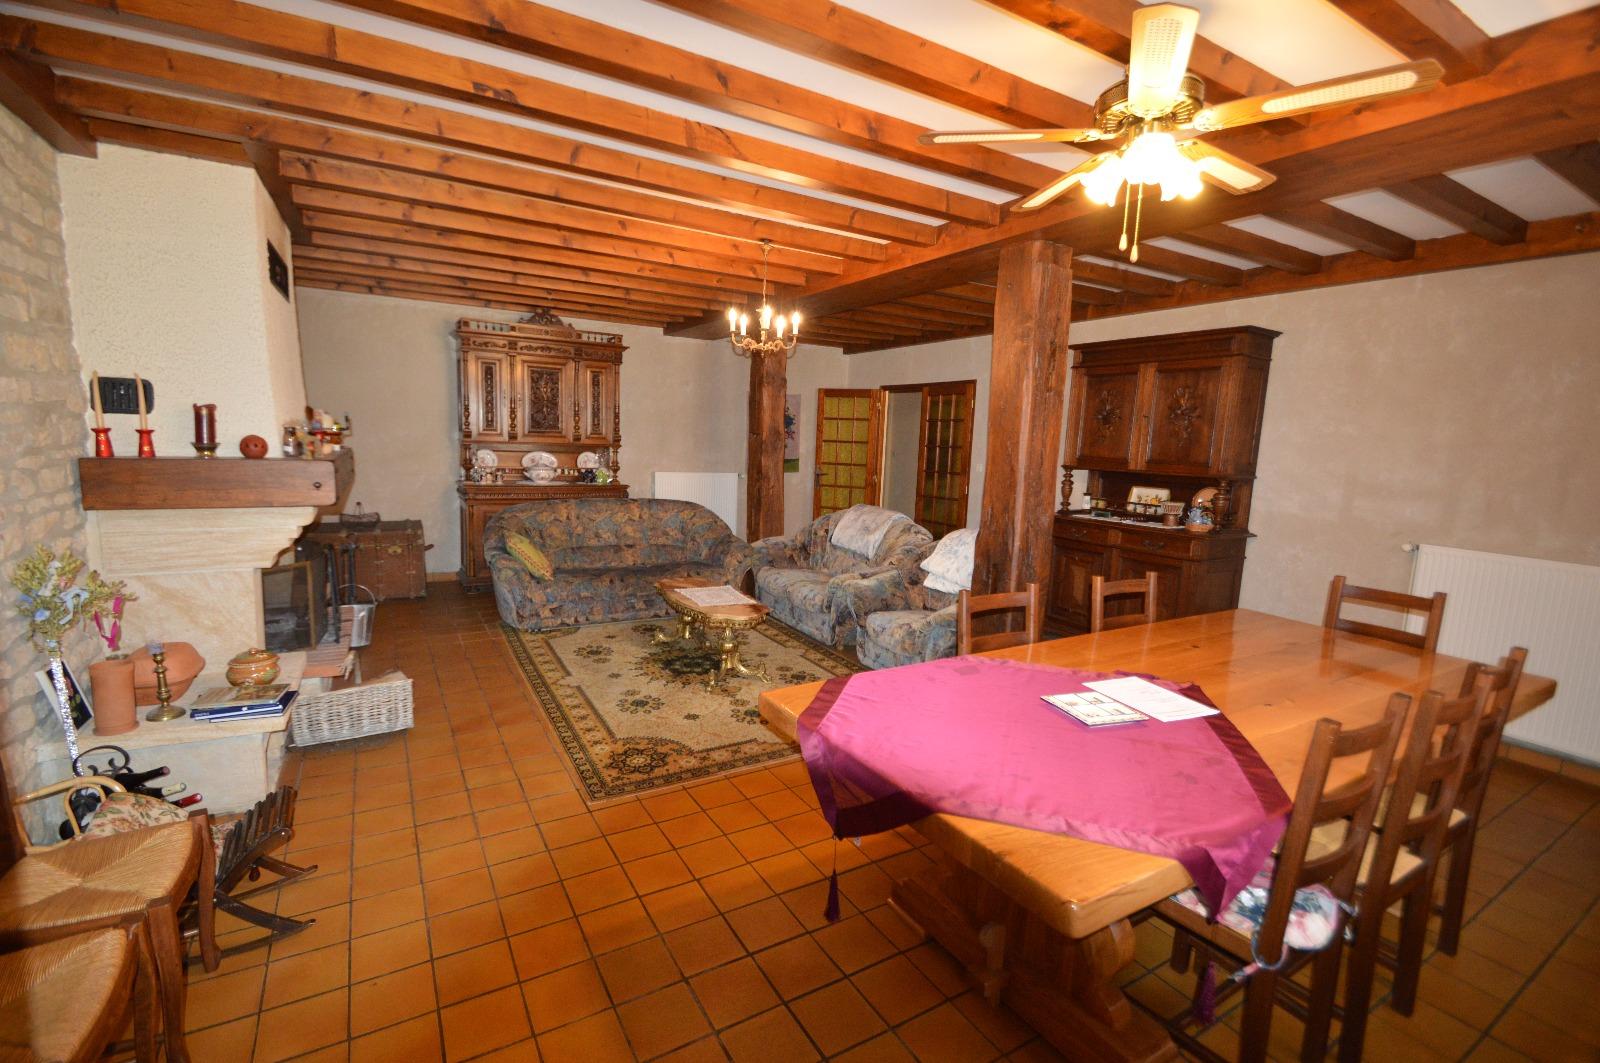 Clairvaux Les Lacs, Maison De Village 3 Chambres, Grand concernant Chambre D Hote Clairvaux Les Lacs